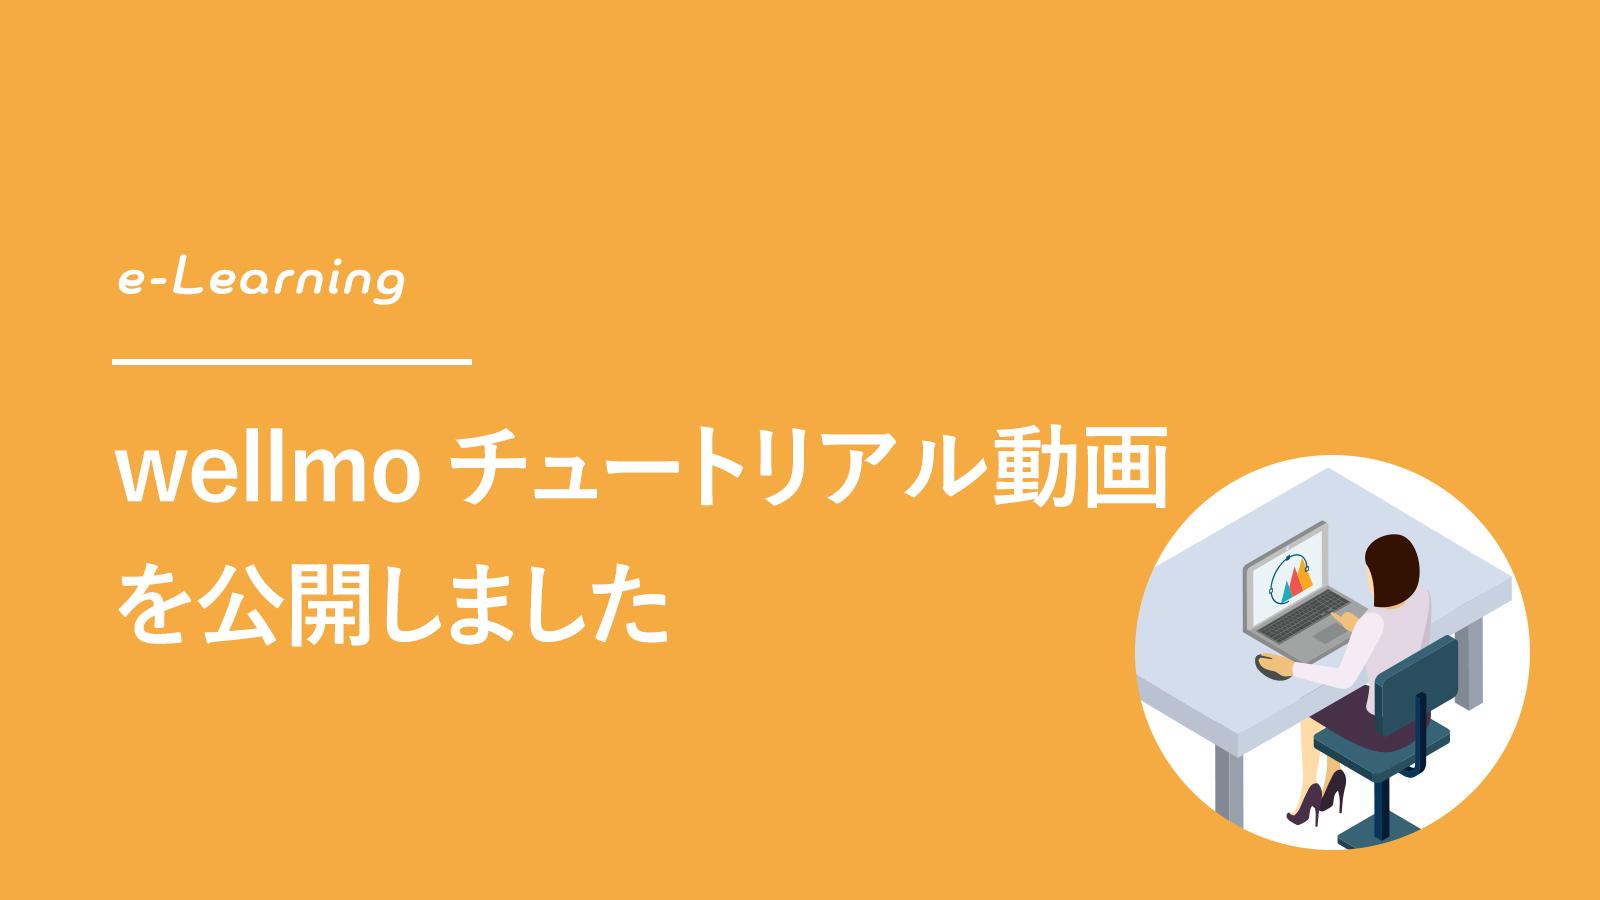 マンスリー予約管理システム「wellmo(ウェルモ)」のチュートリアル動画を公開しました